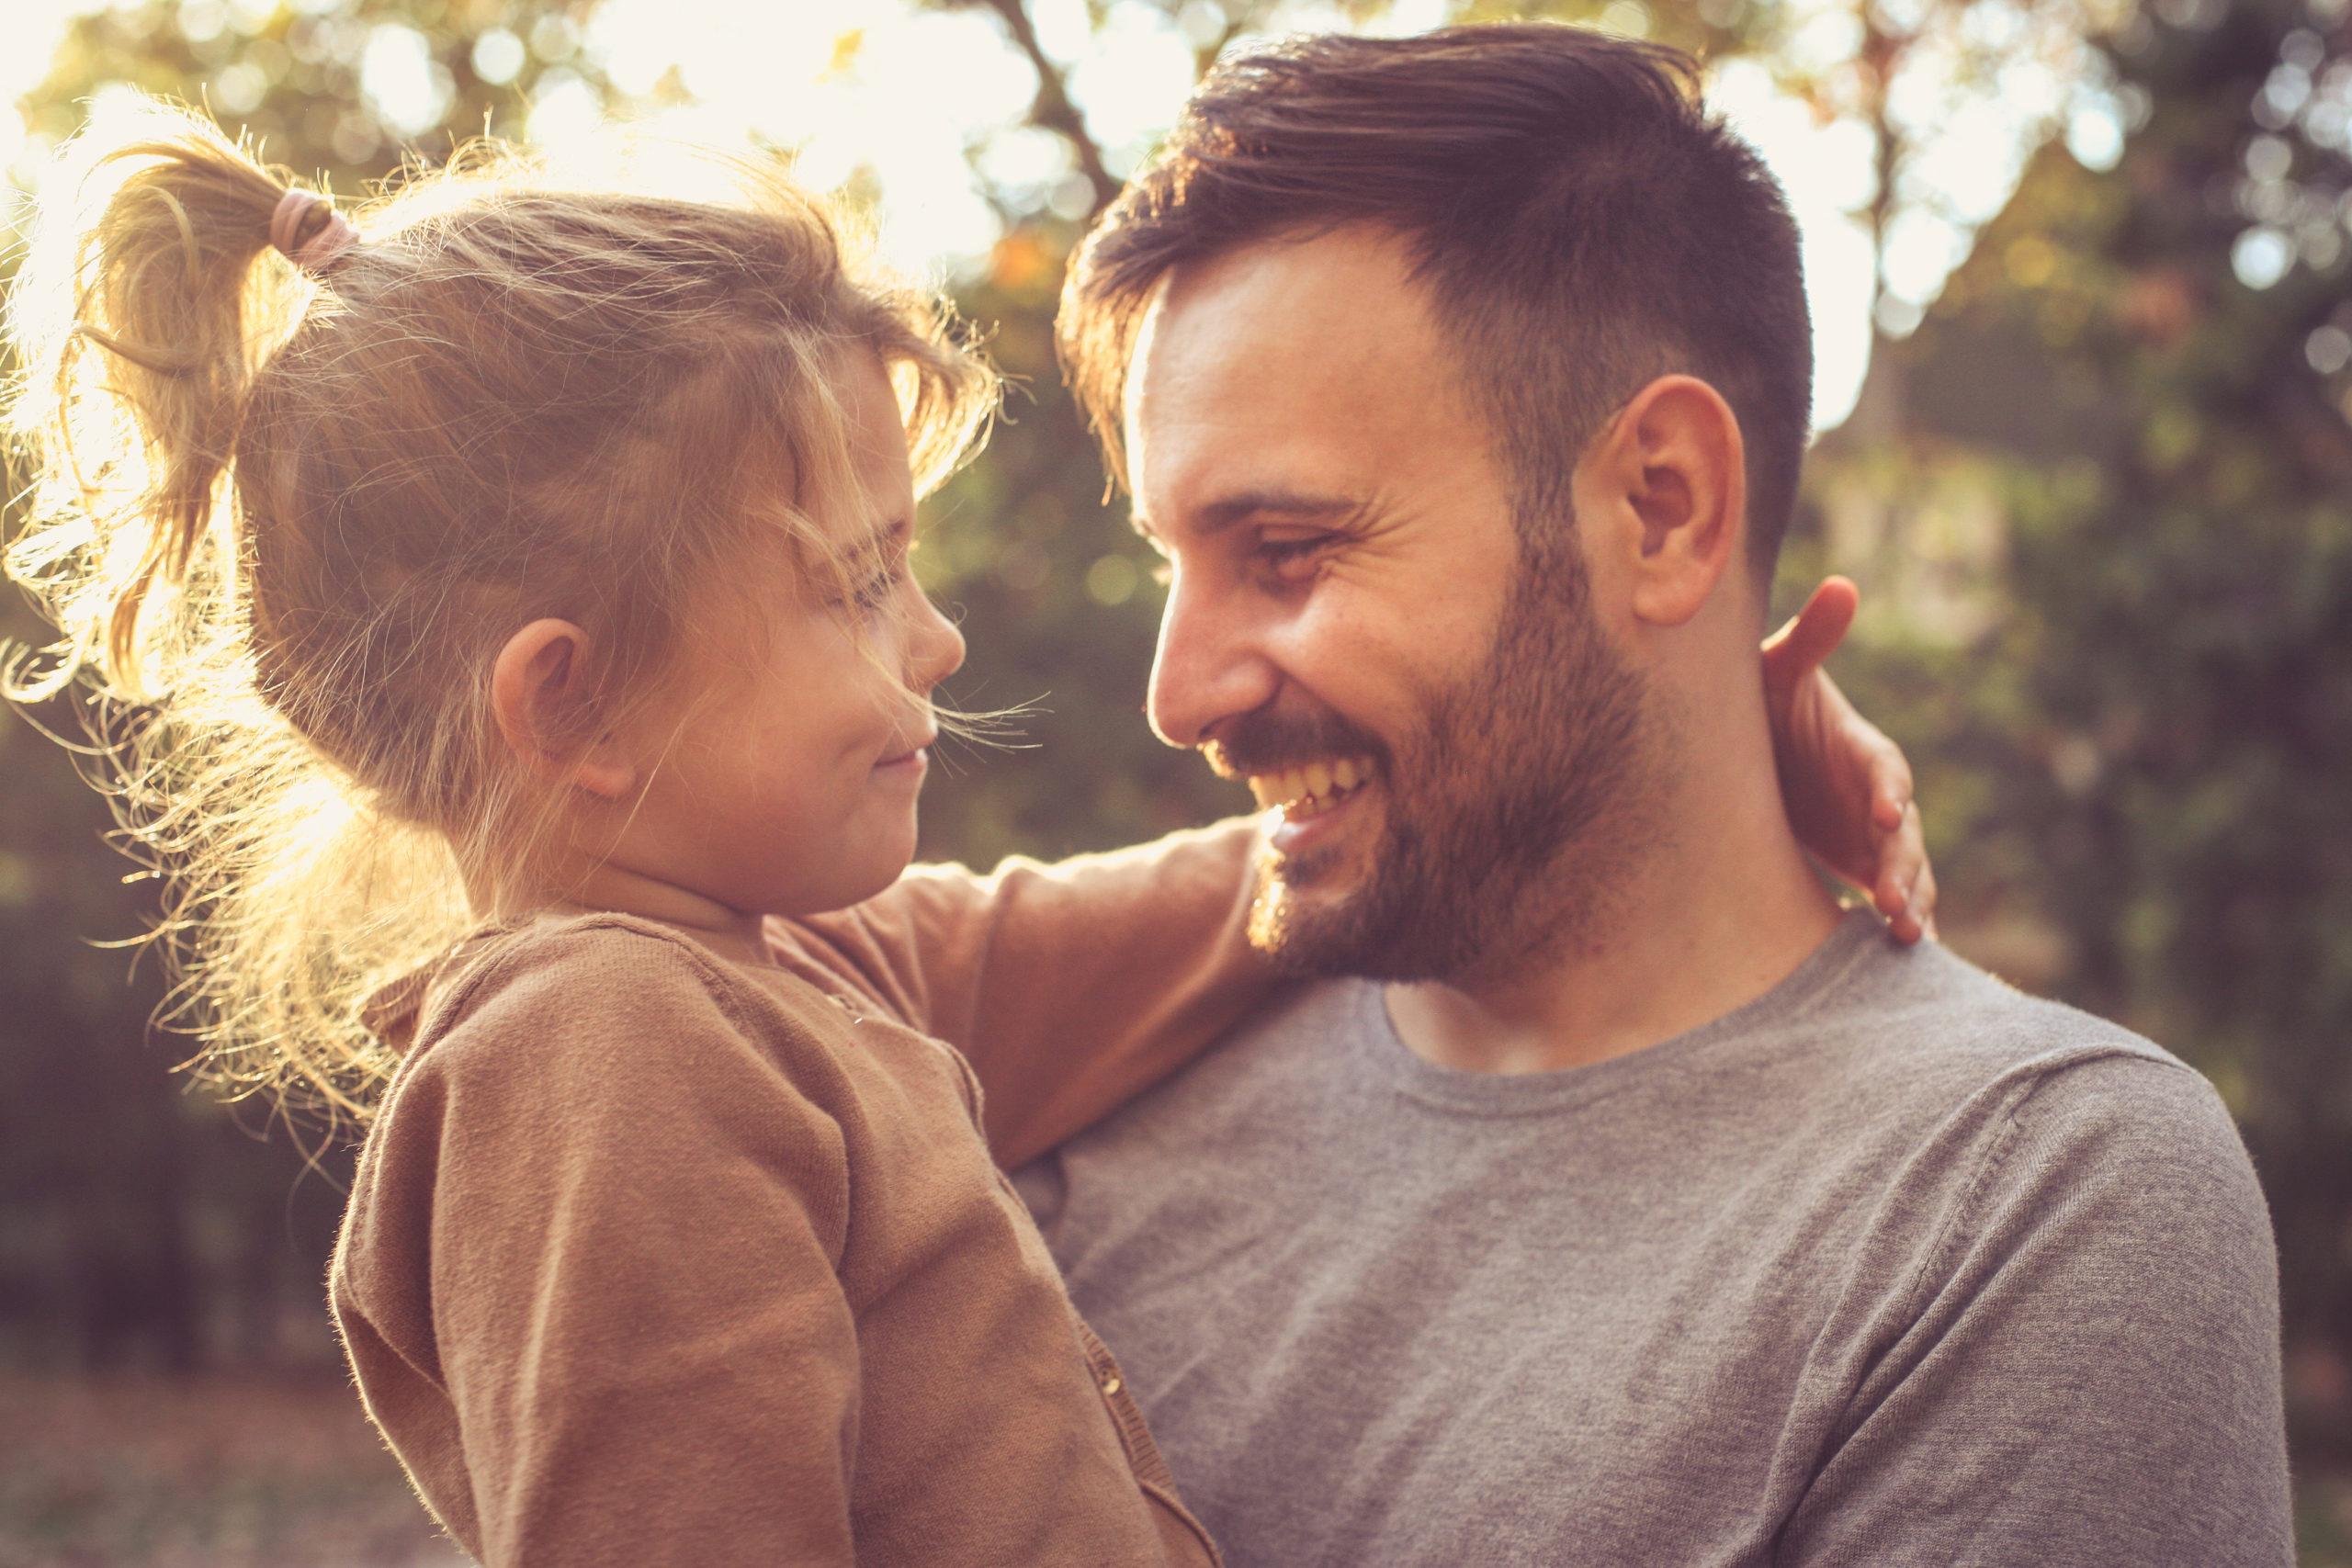 Relacja córki z ojcem – jak wpływa na dorosłe życie kobiety?